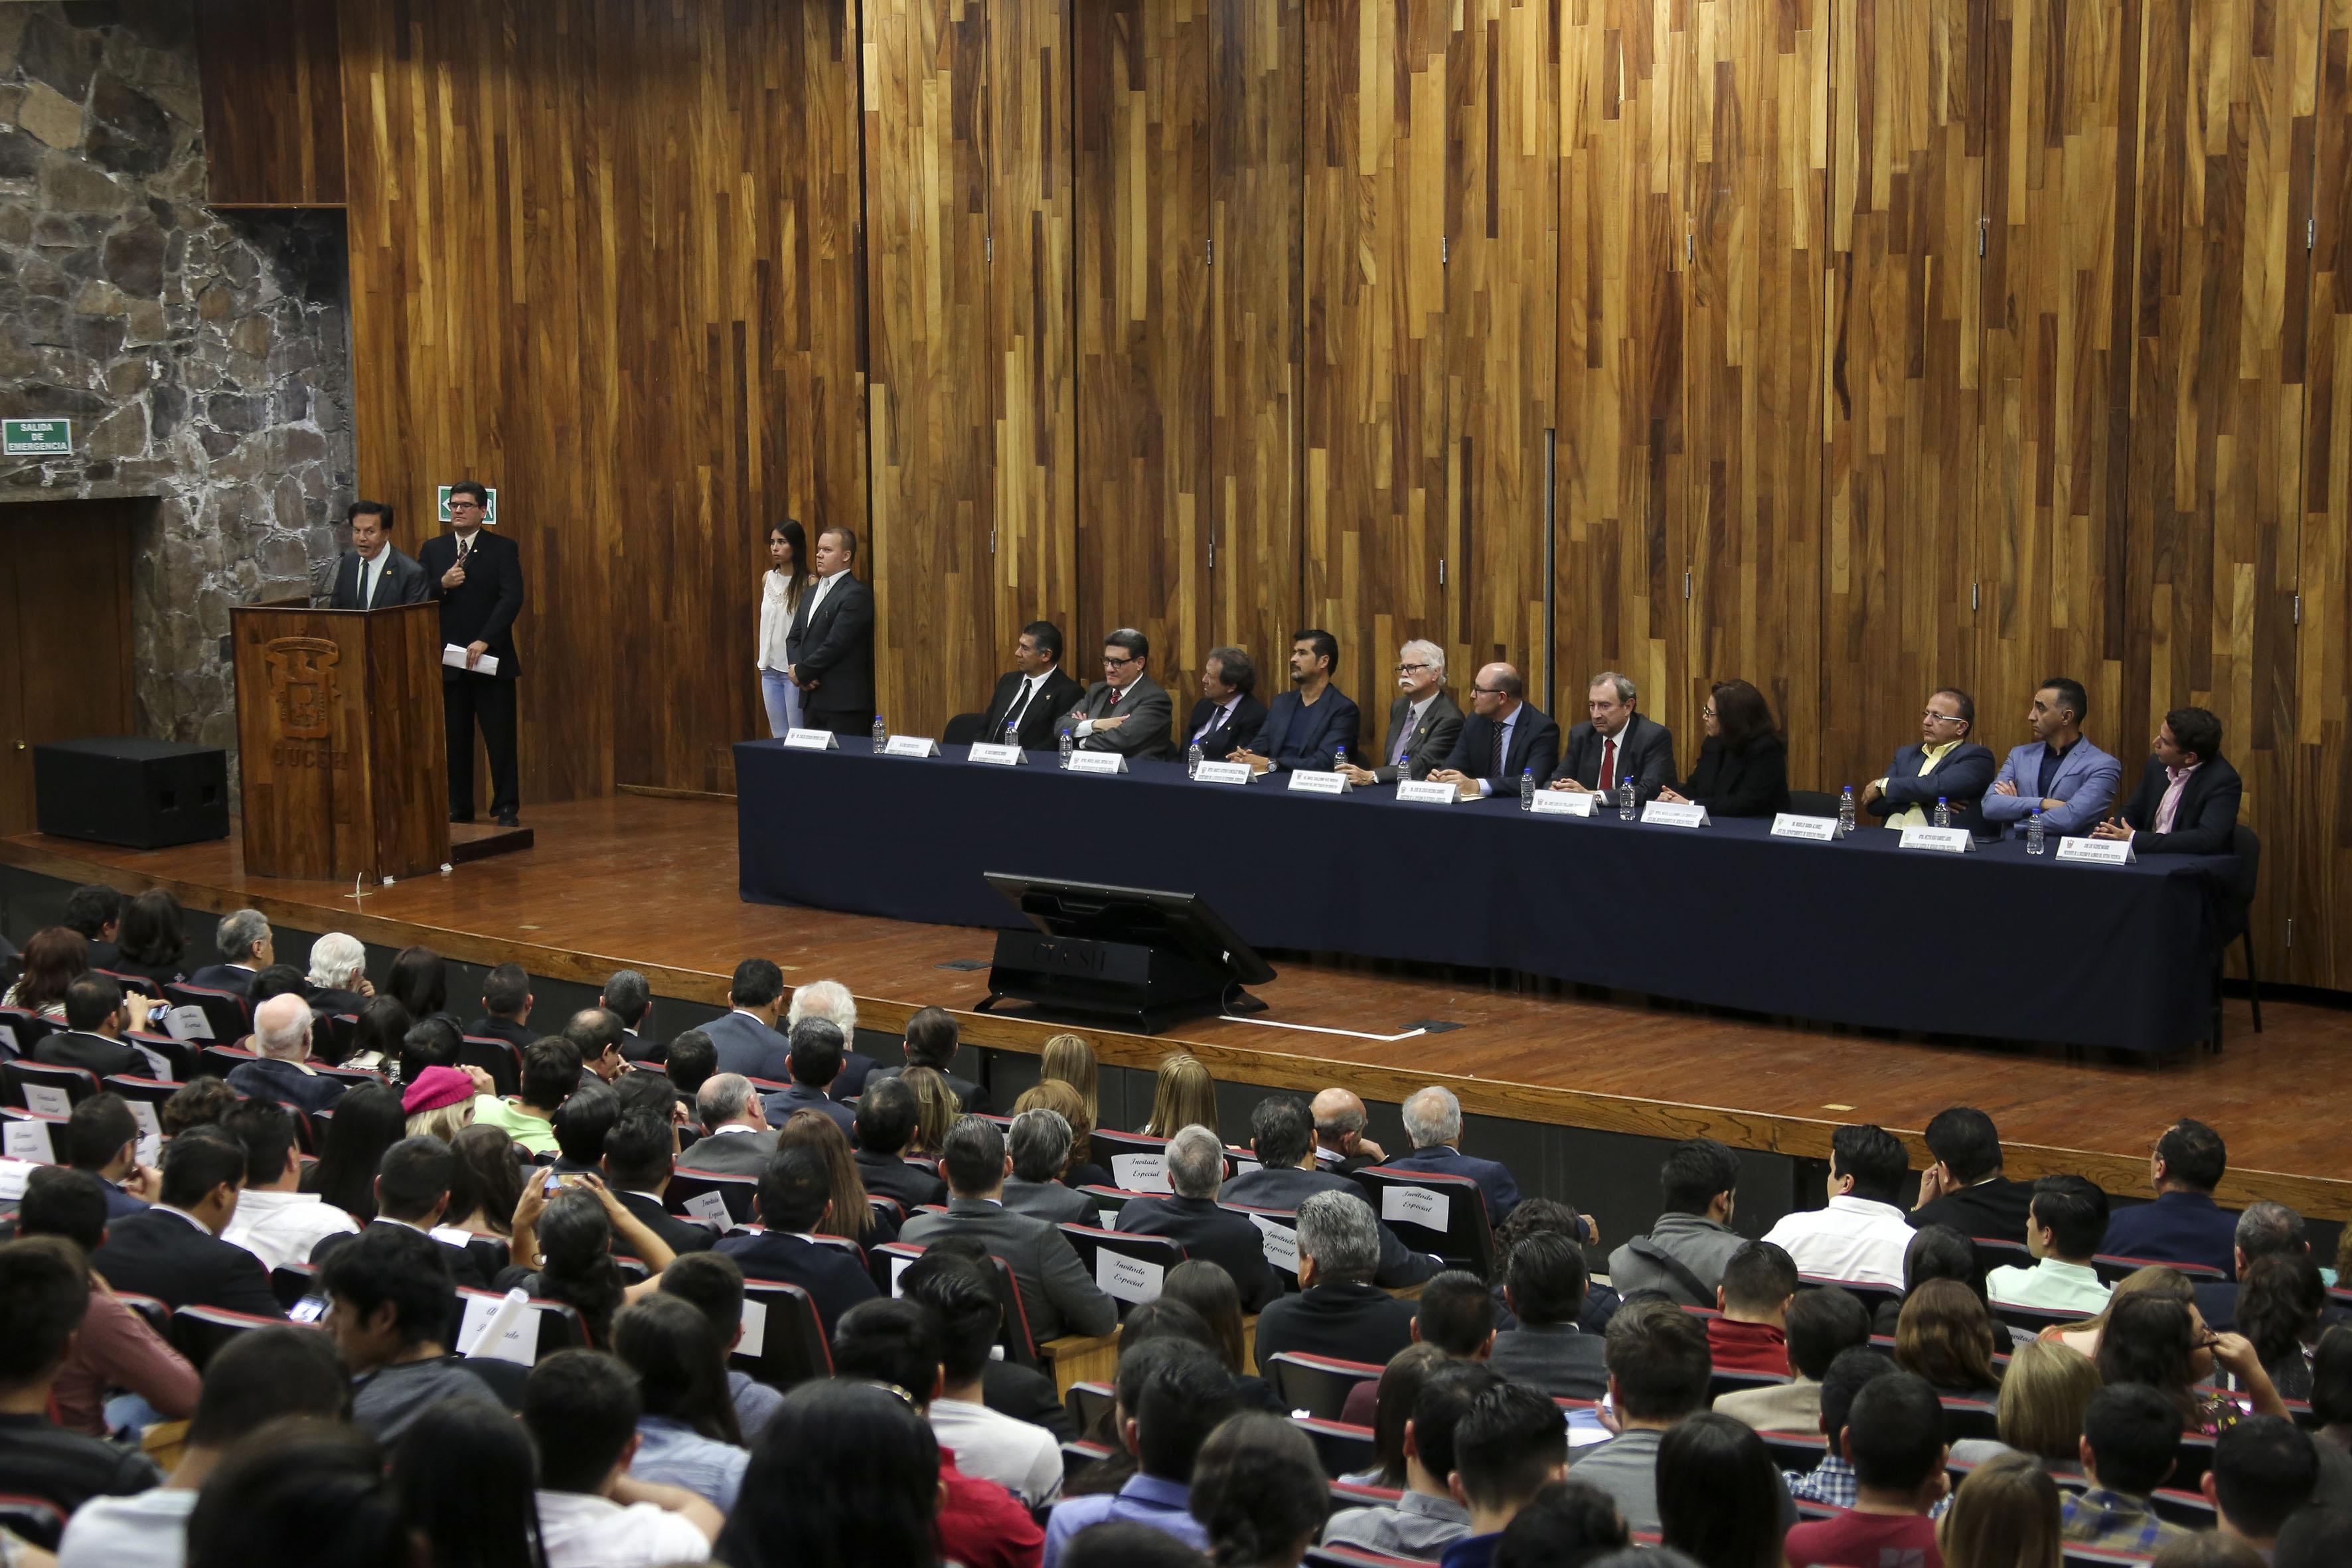 Ceremonia de conmemoración por el 100 aniversario de la promulgación de la Constitución Política de los Estados Unidos Mexicanos y del Estado de Jalisco